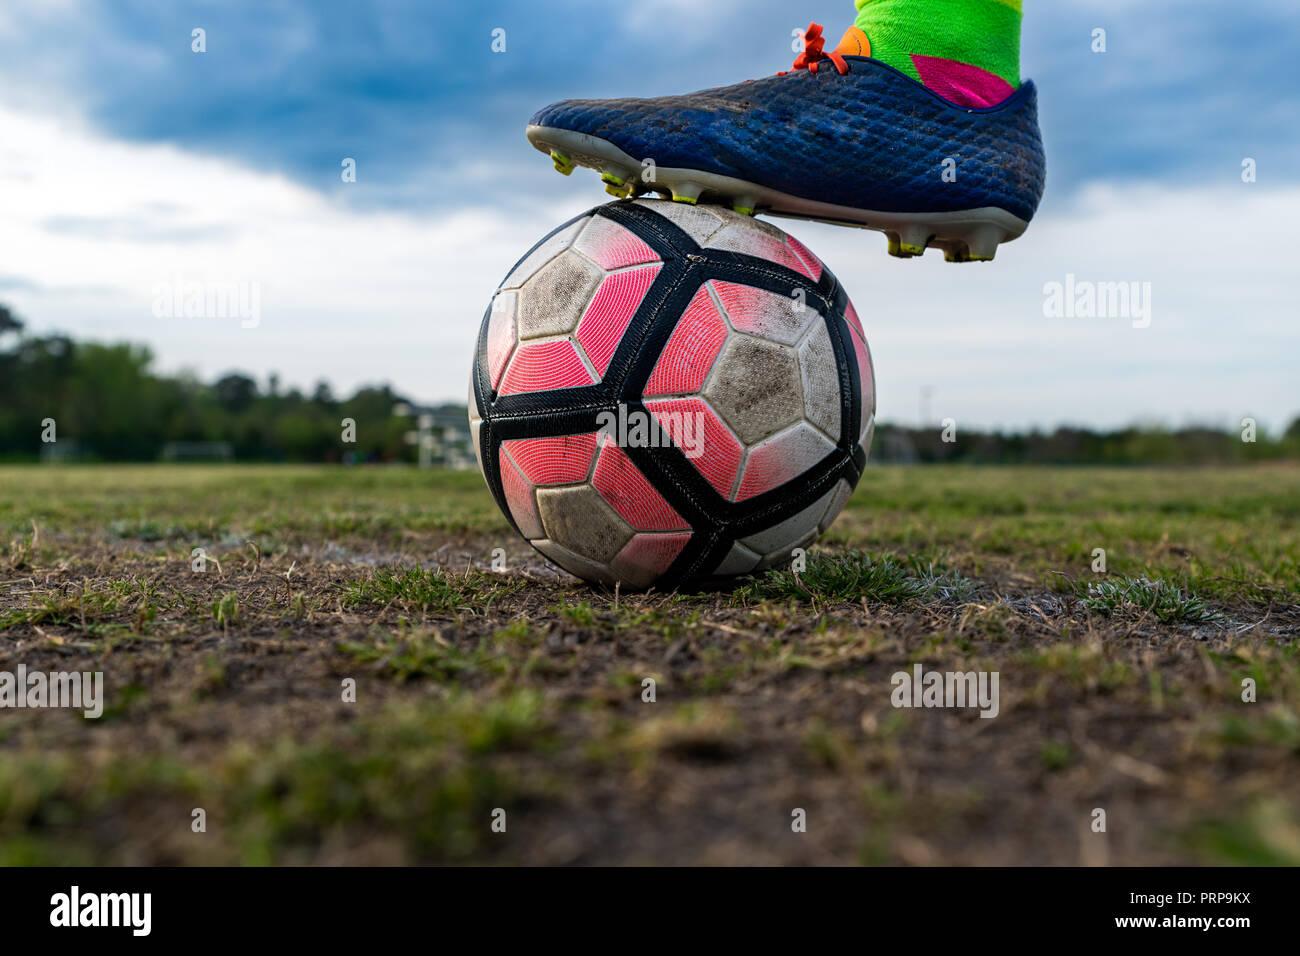 Un giovane atleta mette loro cibo cleated su un pallone da calcio. Concetti: sport giovanile, atleta, focus, preparazione pratica, intensità, aspirazione, sogno Immagini Stock